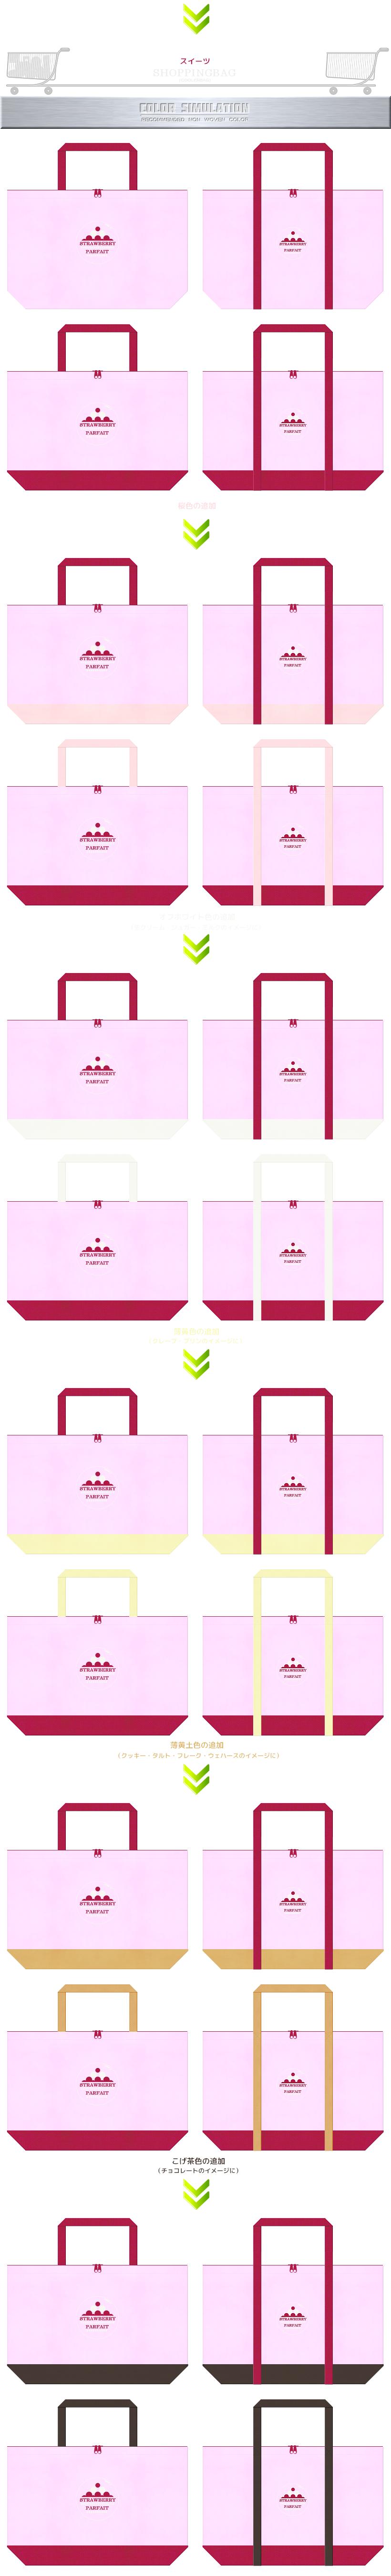 パステルピンク色と濃いピンク色をメインに使用した、ガーリーデザインの不織布ショッピングバッグのカラーシミュレーション:スイーツのショッピングバッグにお奨めです。